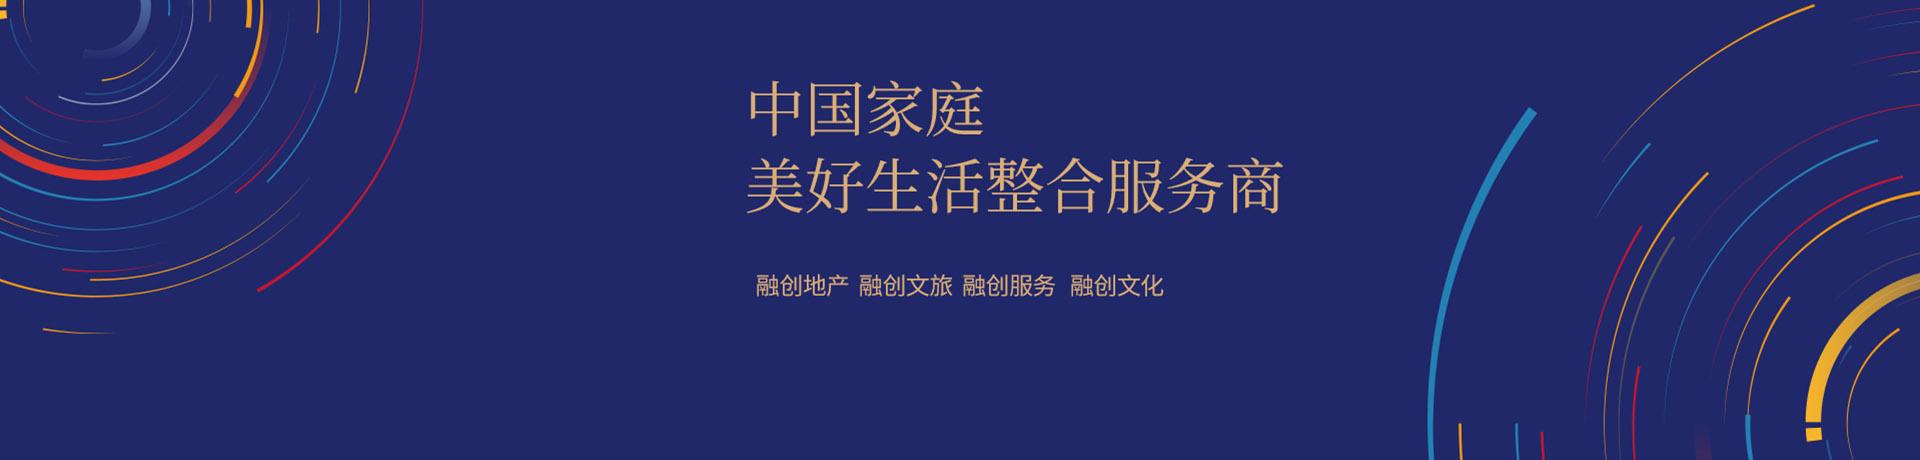 融创中国 Banner